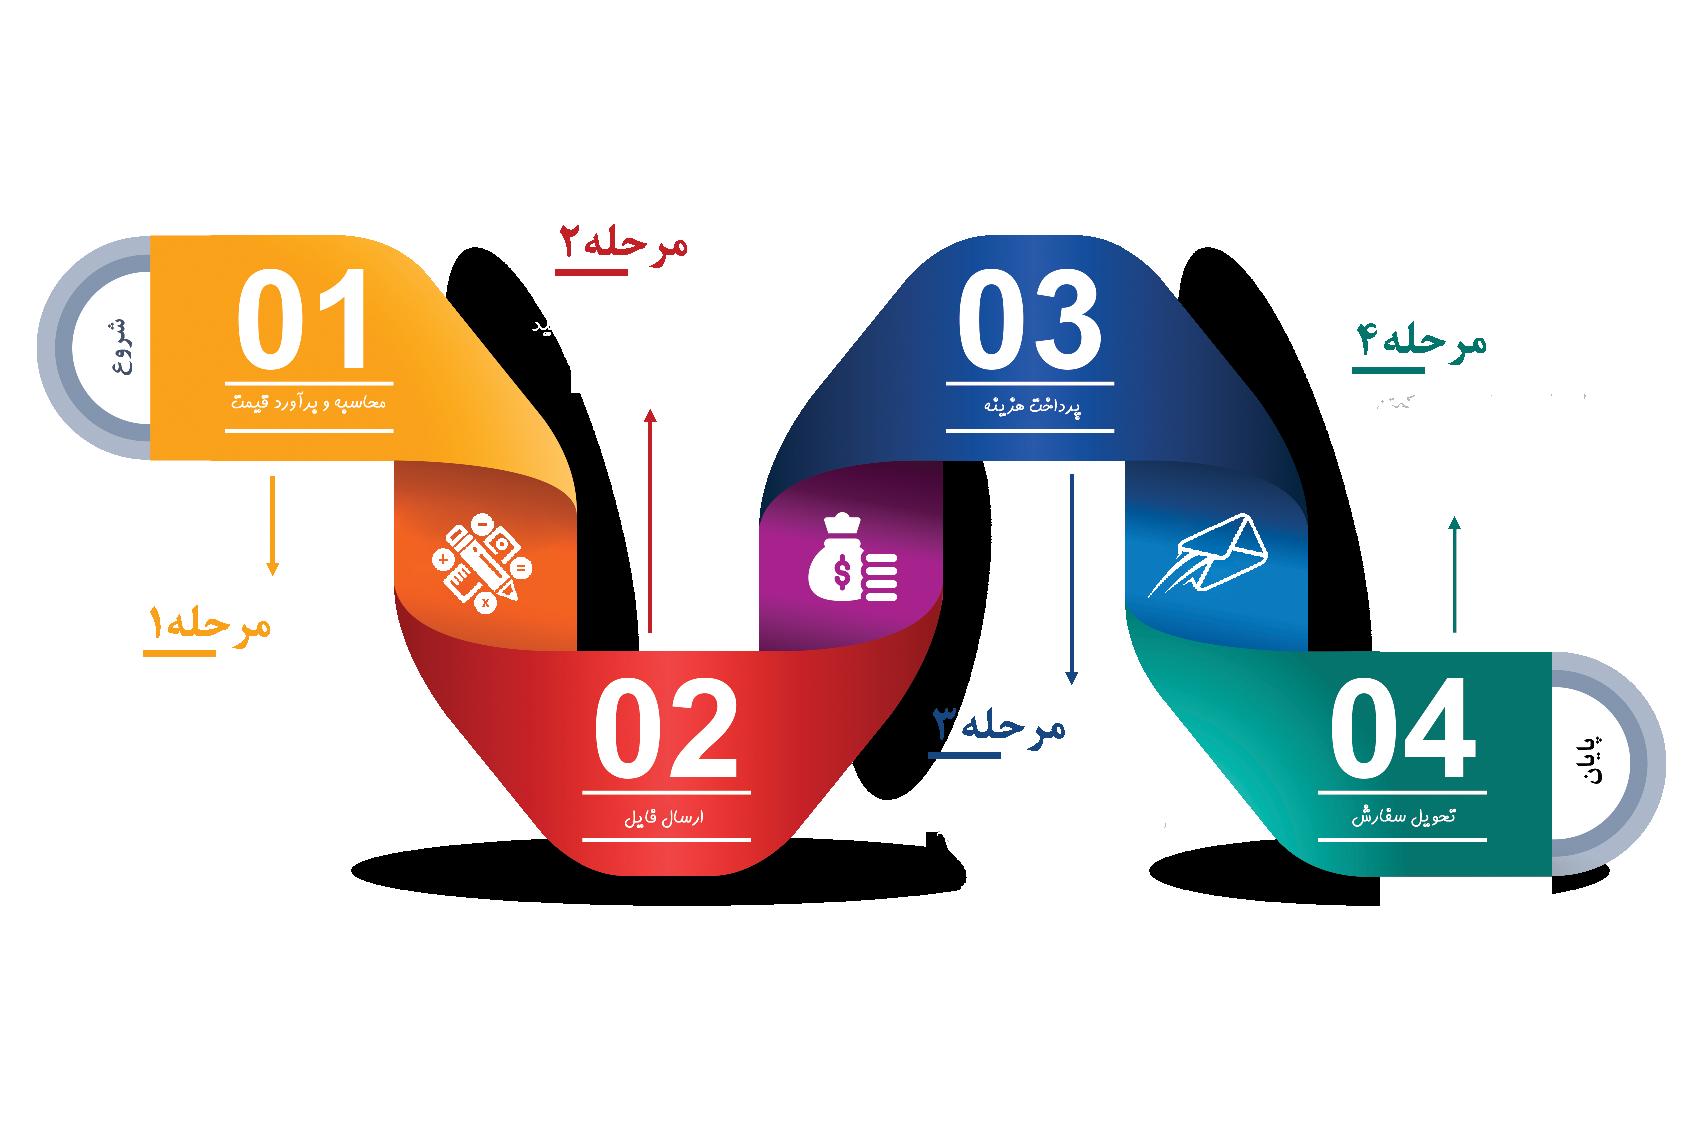 مراحل سریع چاپ دیجیتال چاپ رازک